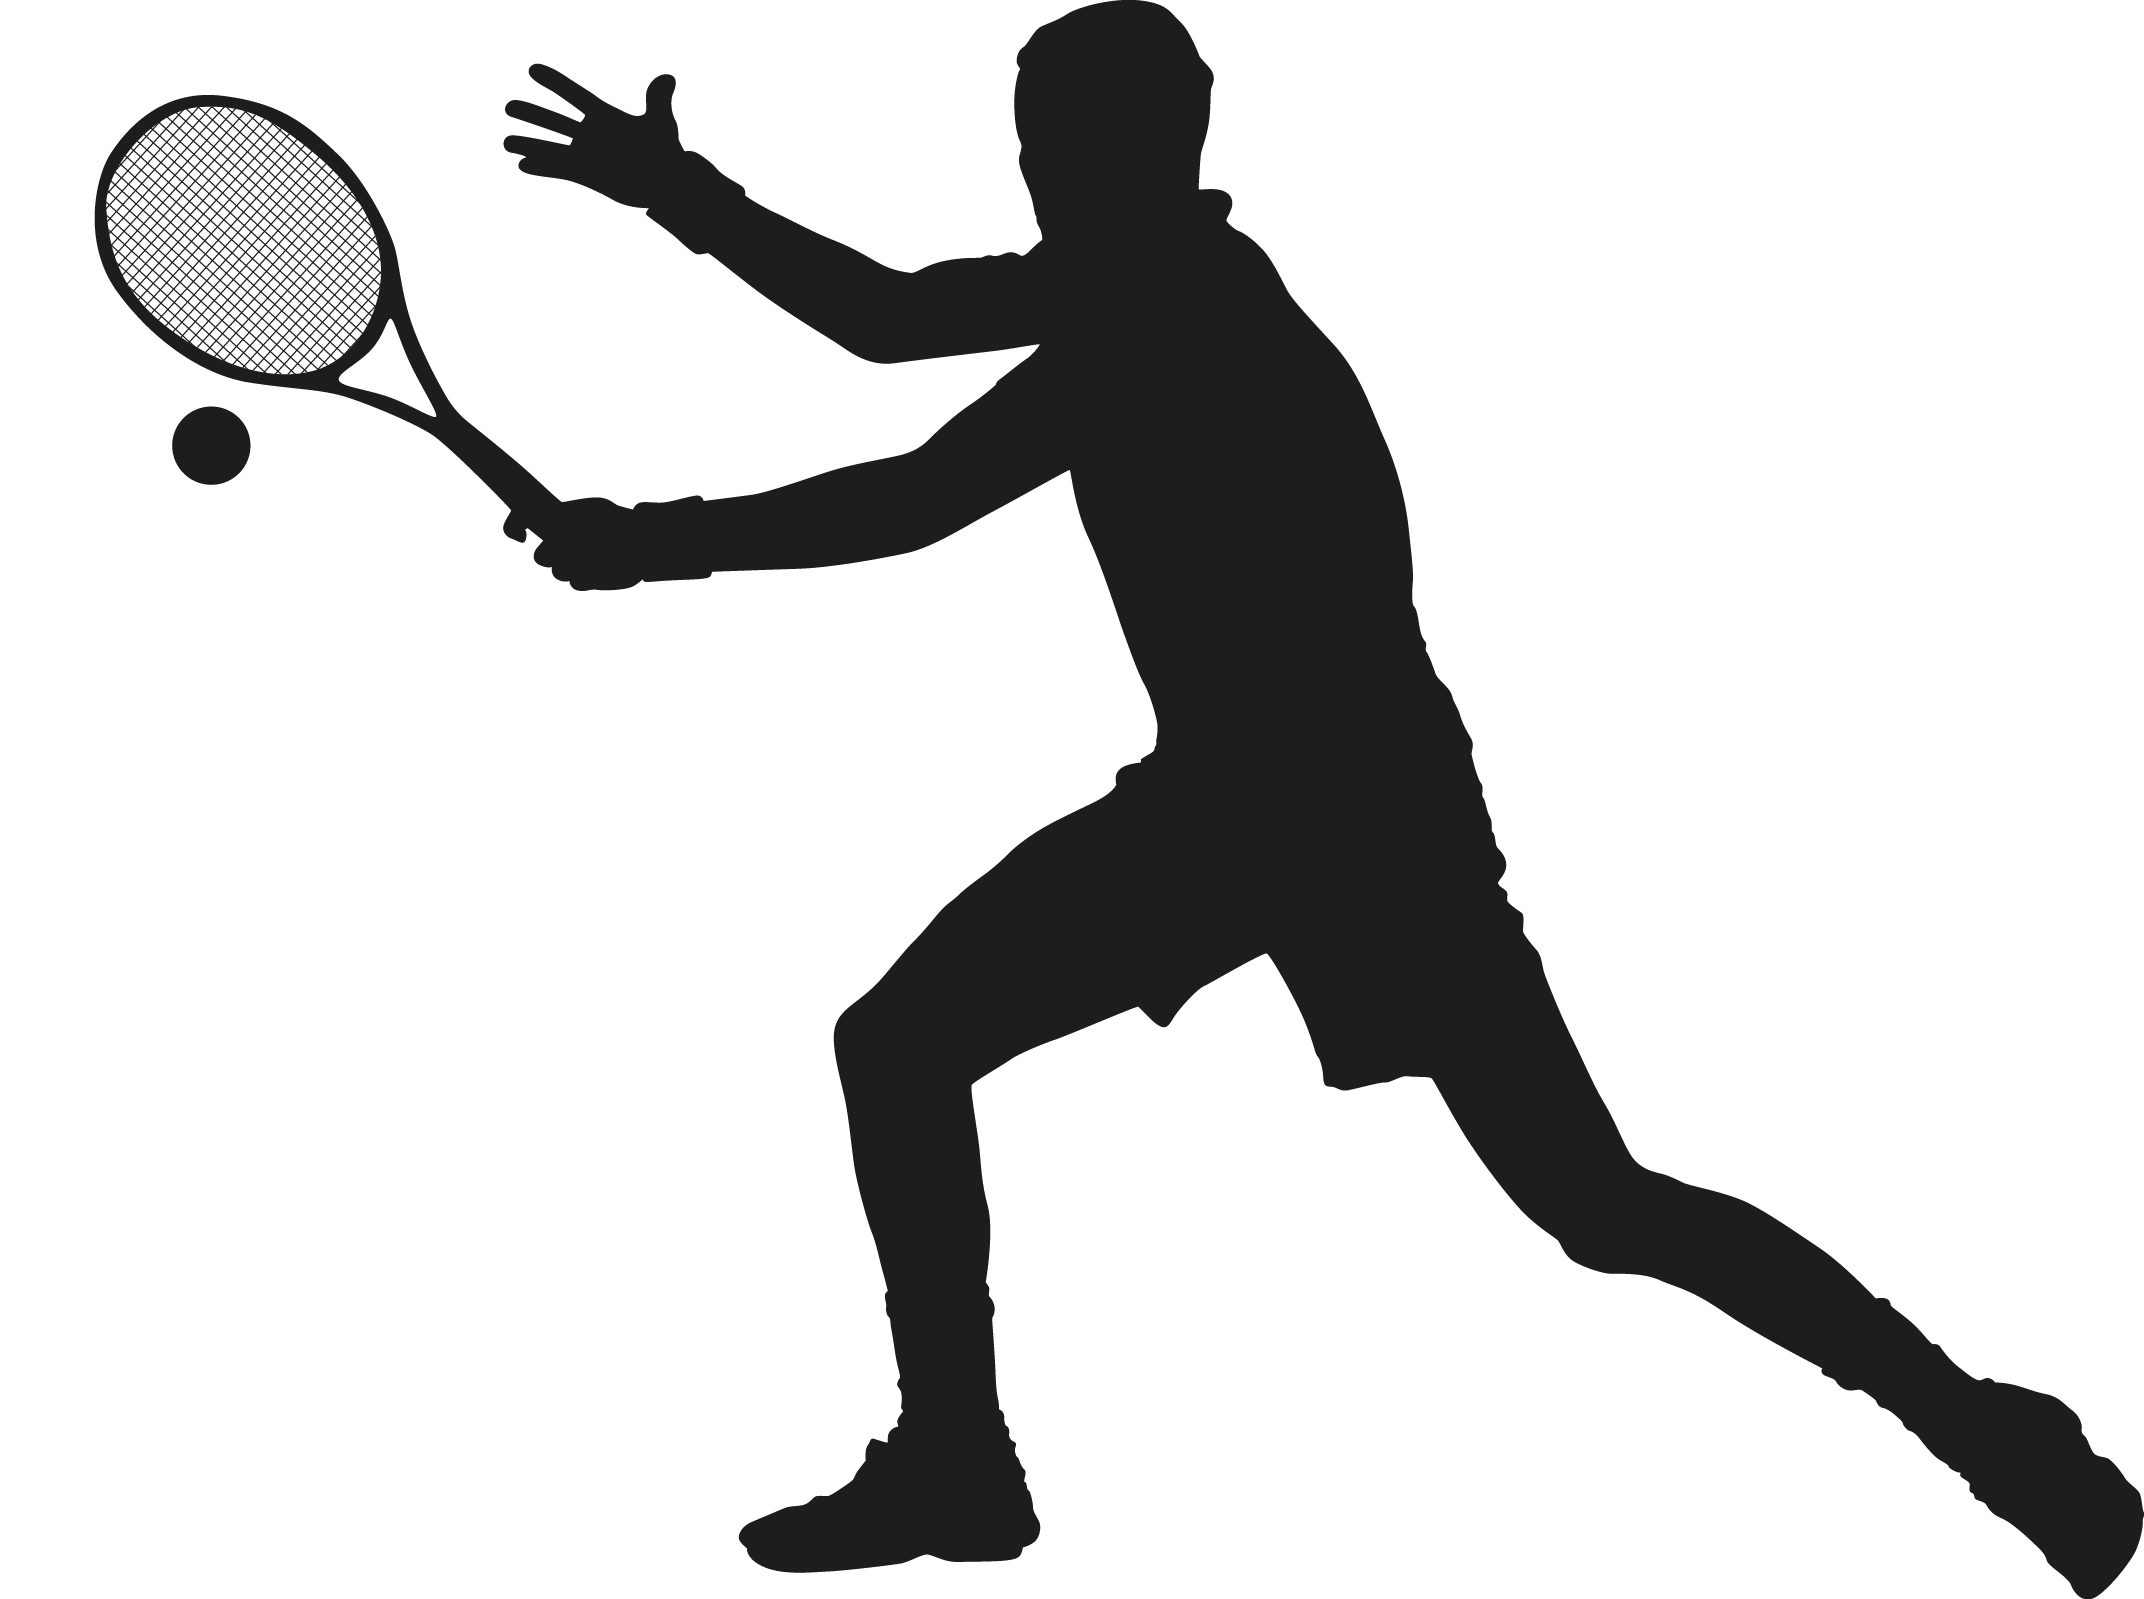 https://www.tkslaviaplzen.cz/wp-content/uploads/2018/07/tennis-ball-silhouette-23.png